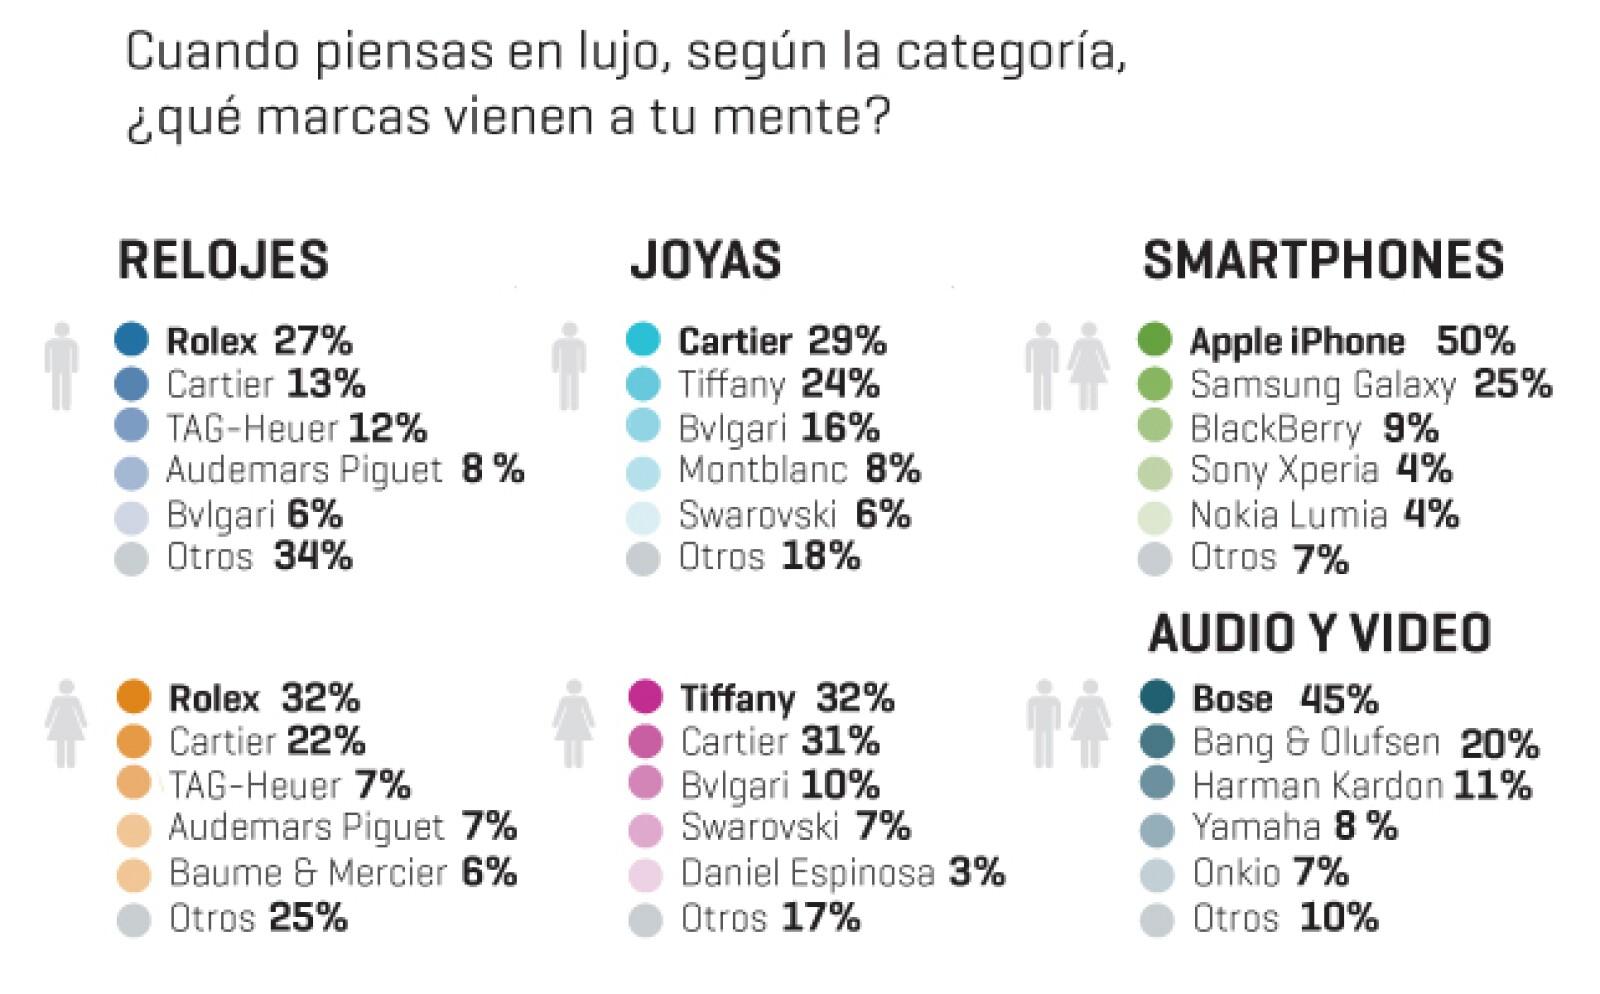 Si de relojes se trata, ambos sexos eligen Rolex. En cuanto a tecnología, los smartphones de Apple dominan su gusto y Bose lo hace en audio y video. En cuestión de joyas, los hombres eligen Cartier y las mujeres Tiffany.